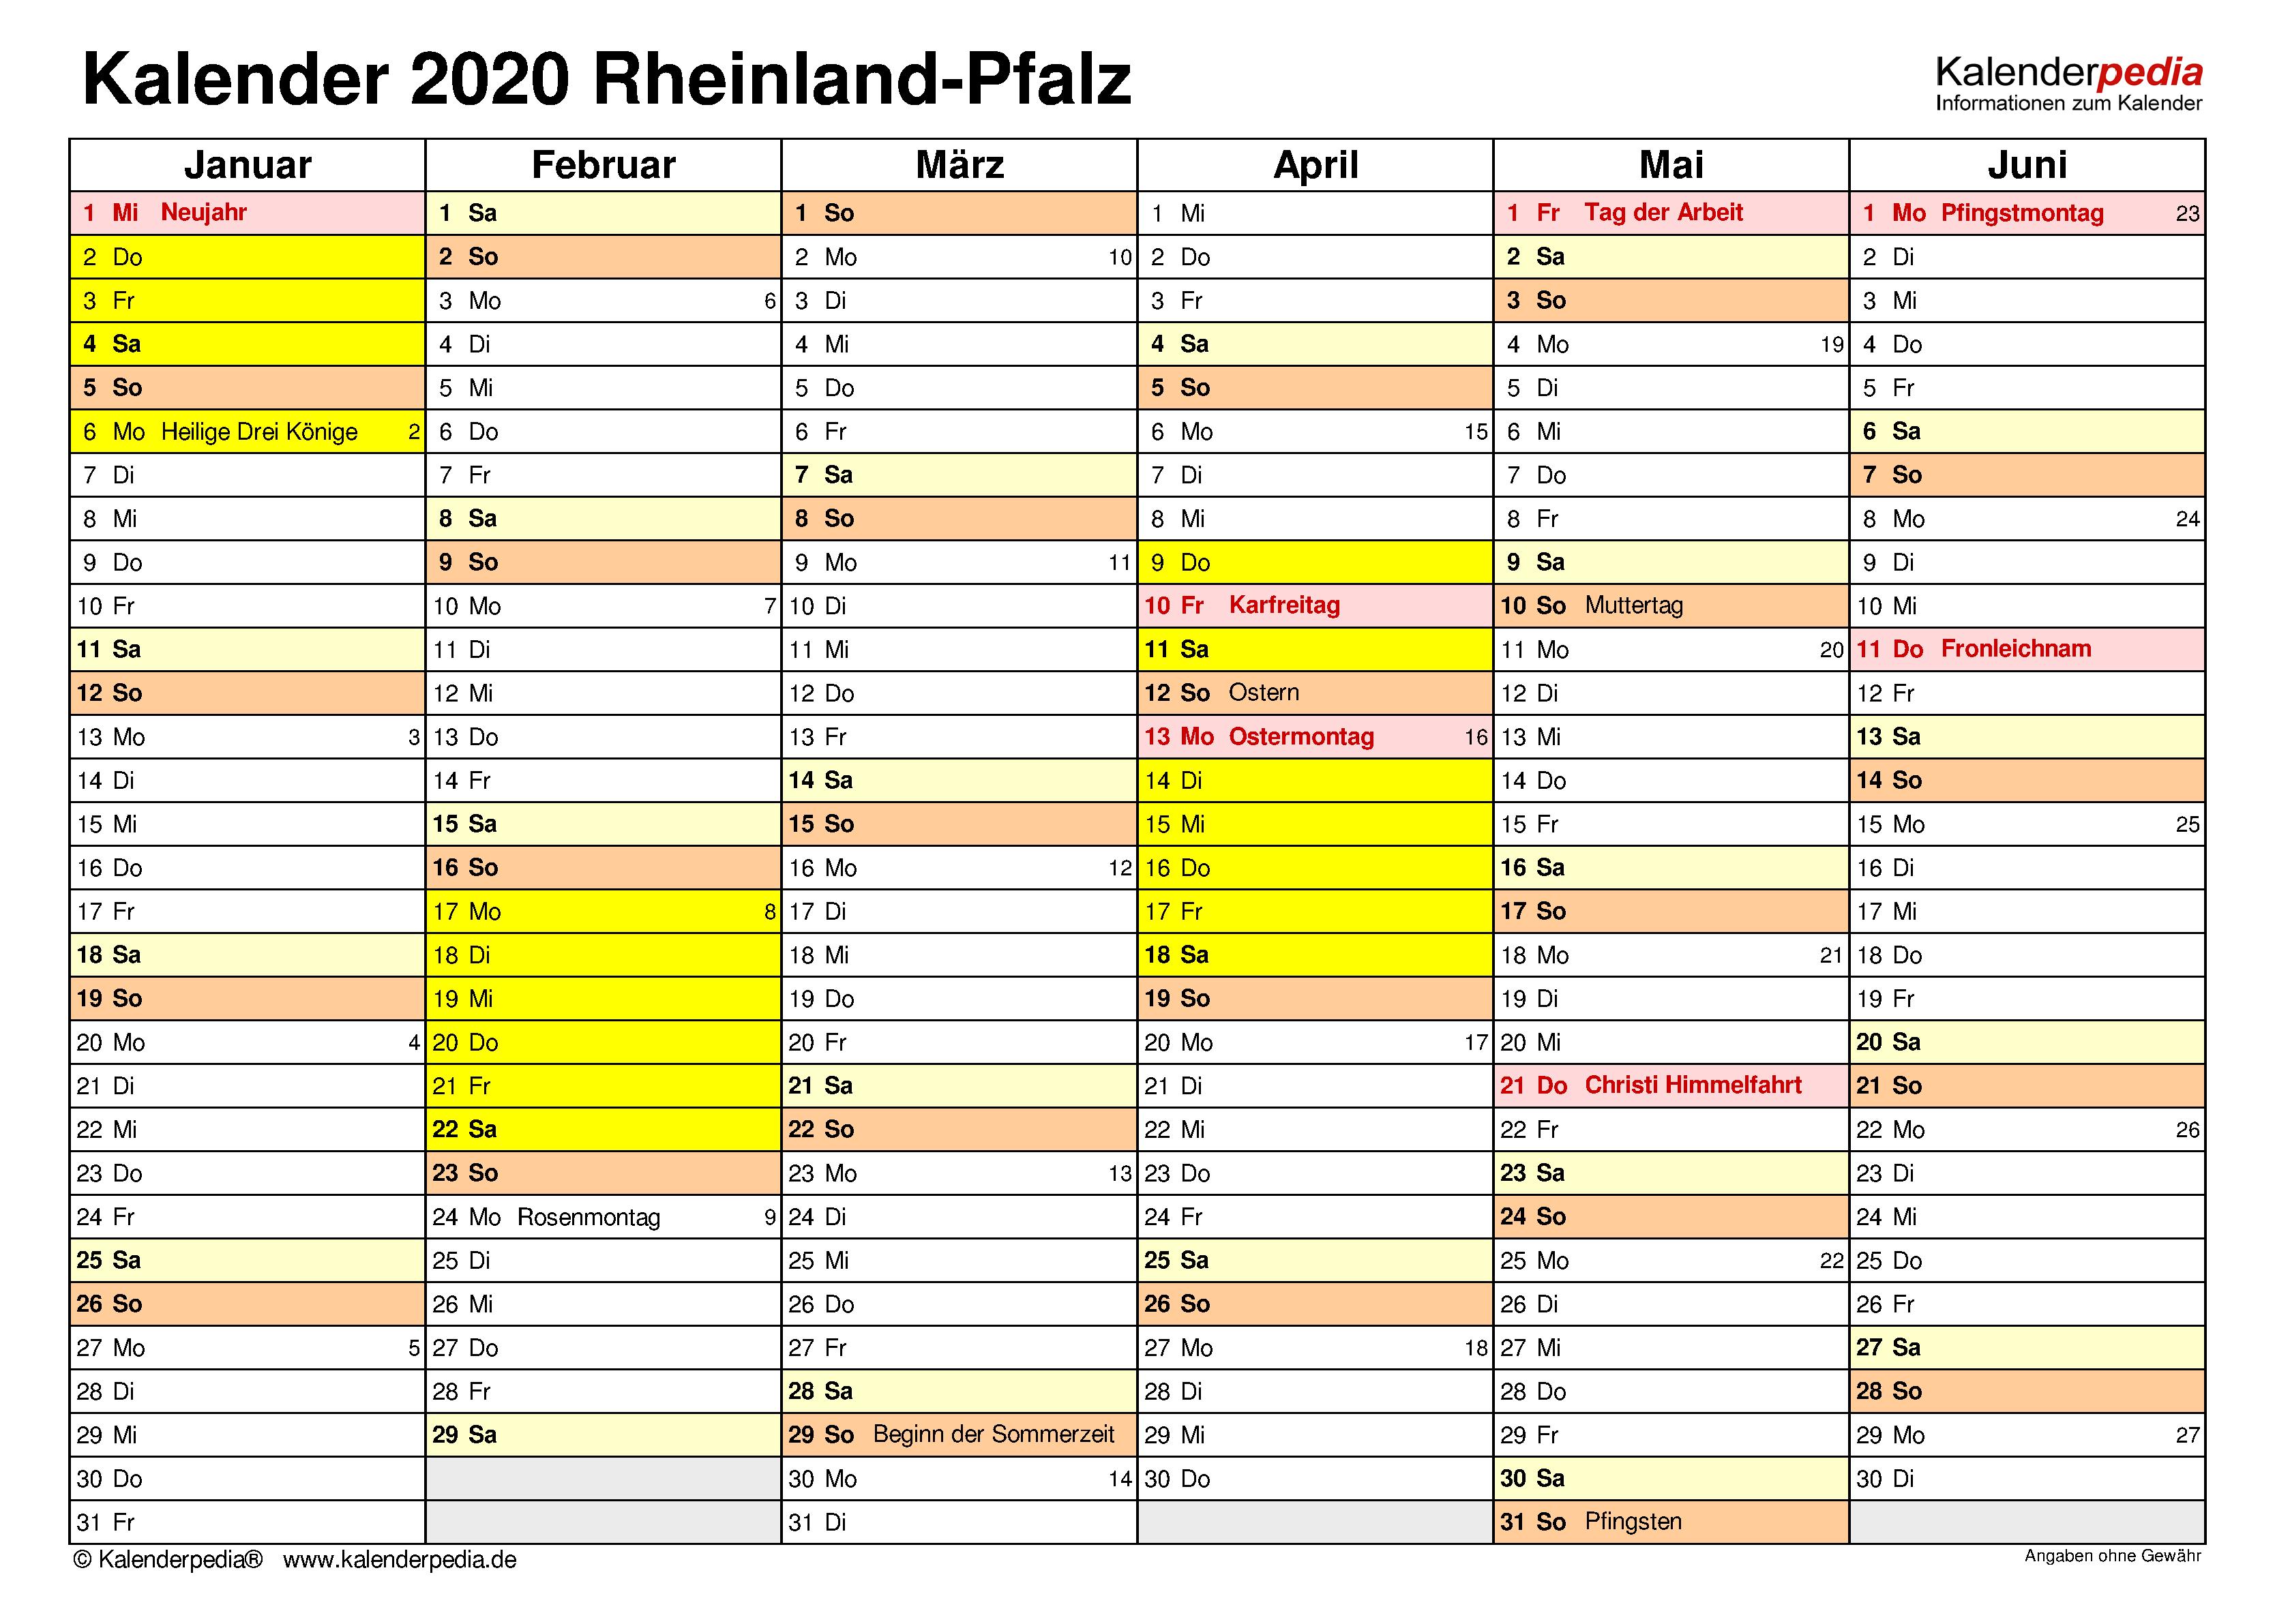 Kalender 2020 Rheinland-Pfalz: Ferien, Feiertage, Excel ...